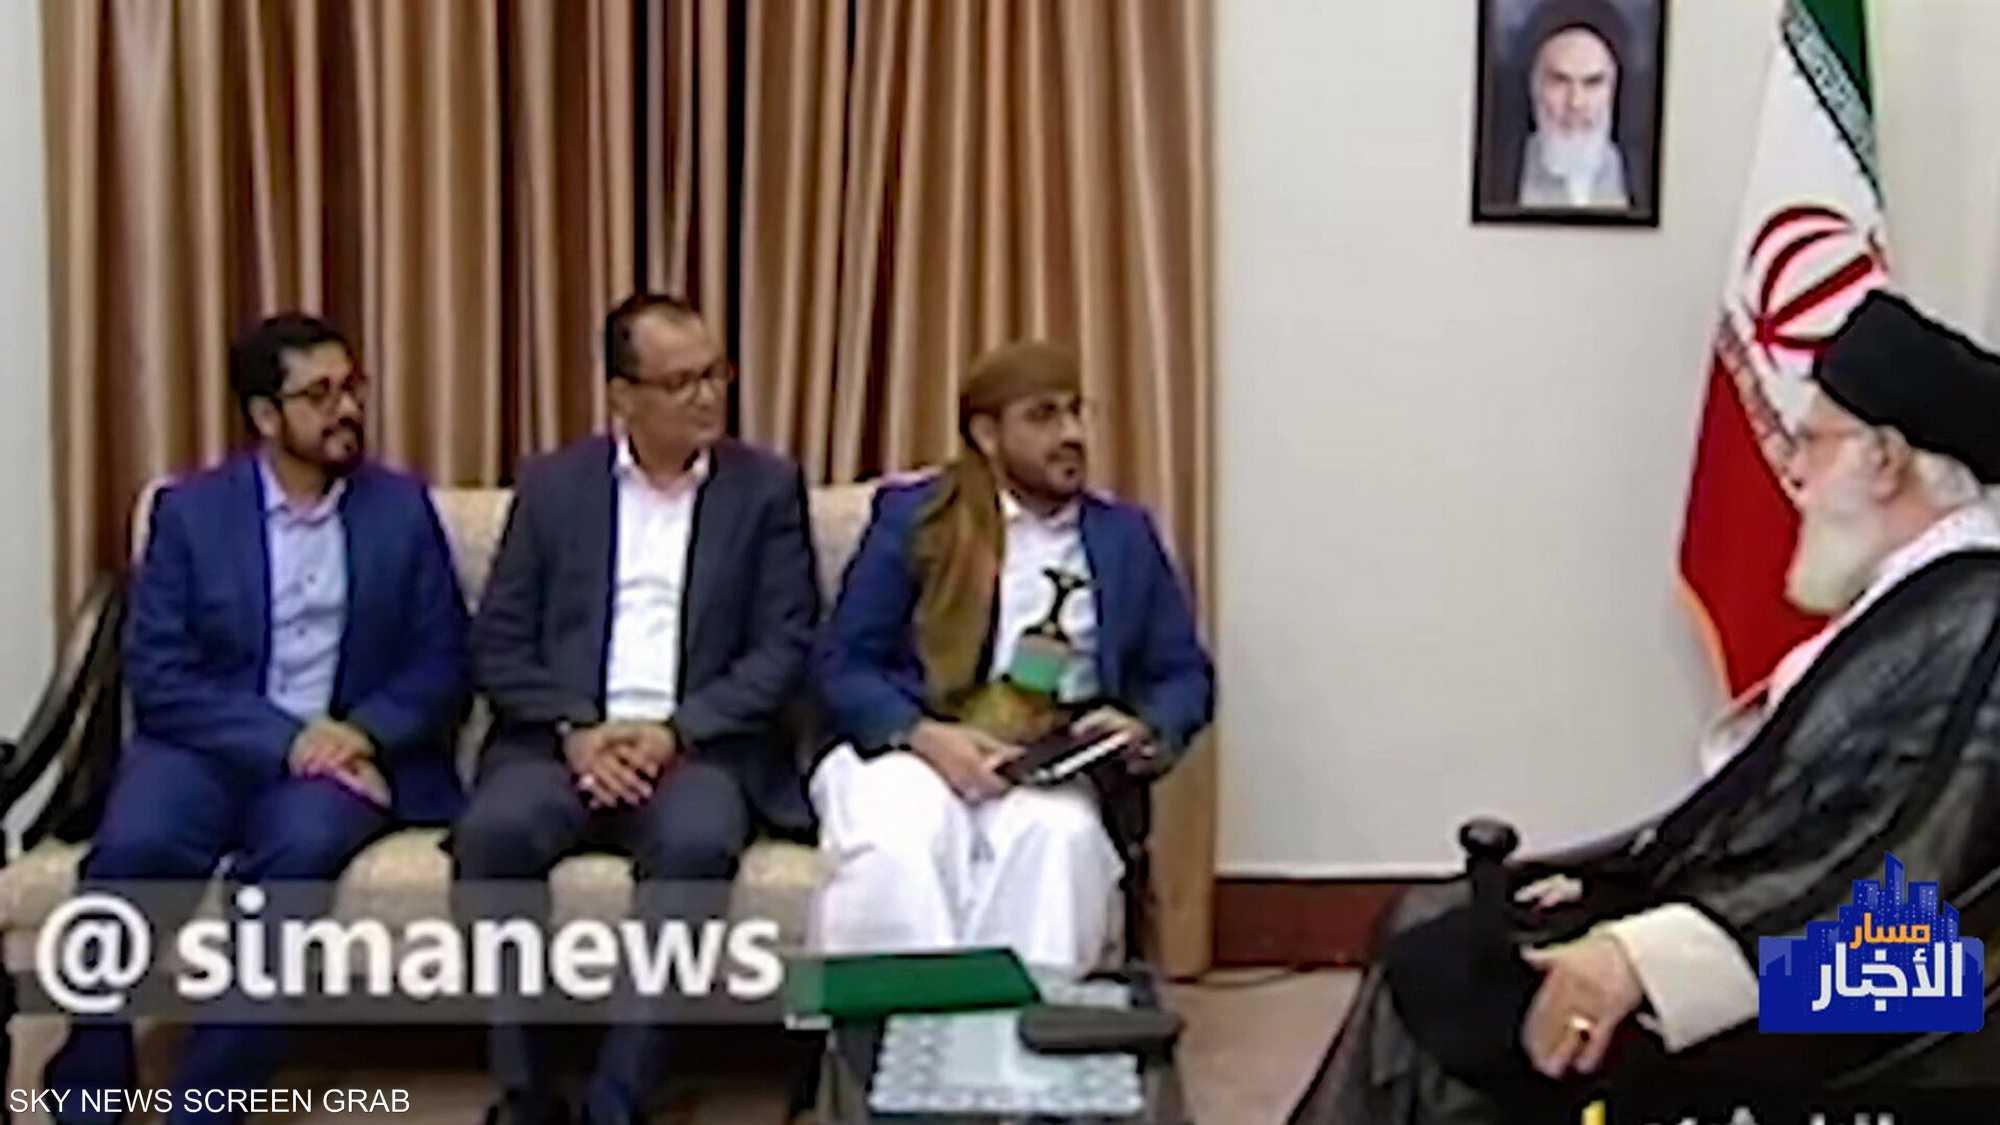 خامنئي يتعهد بمواصلة دعم ميليشيات الحوثي